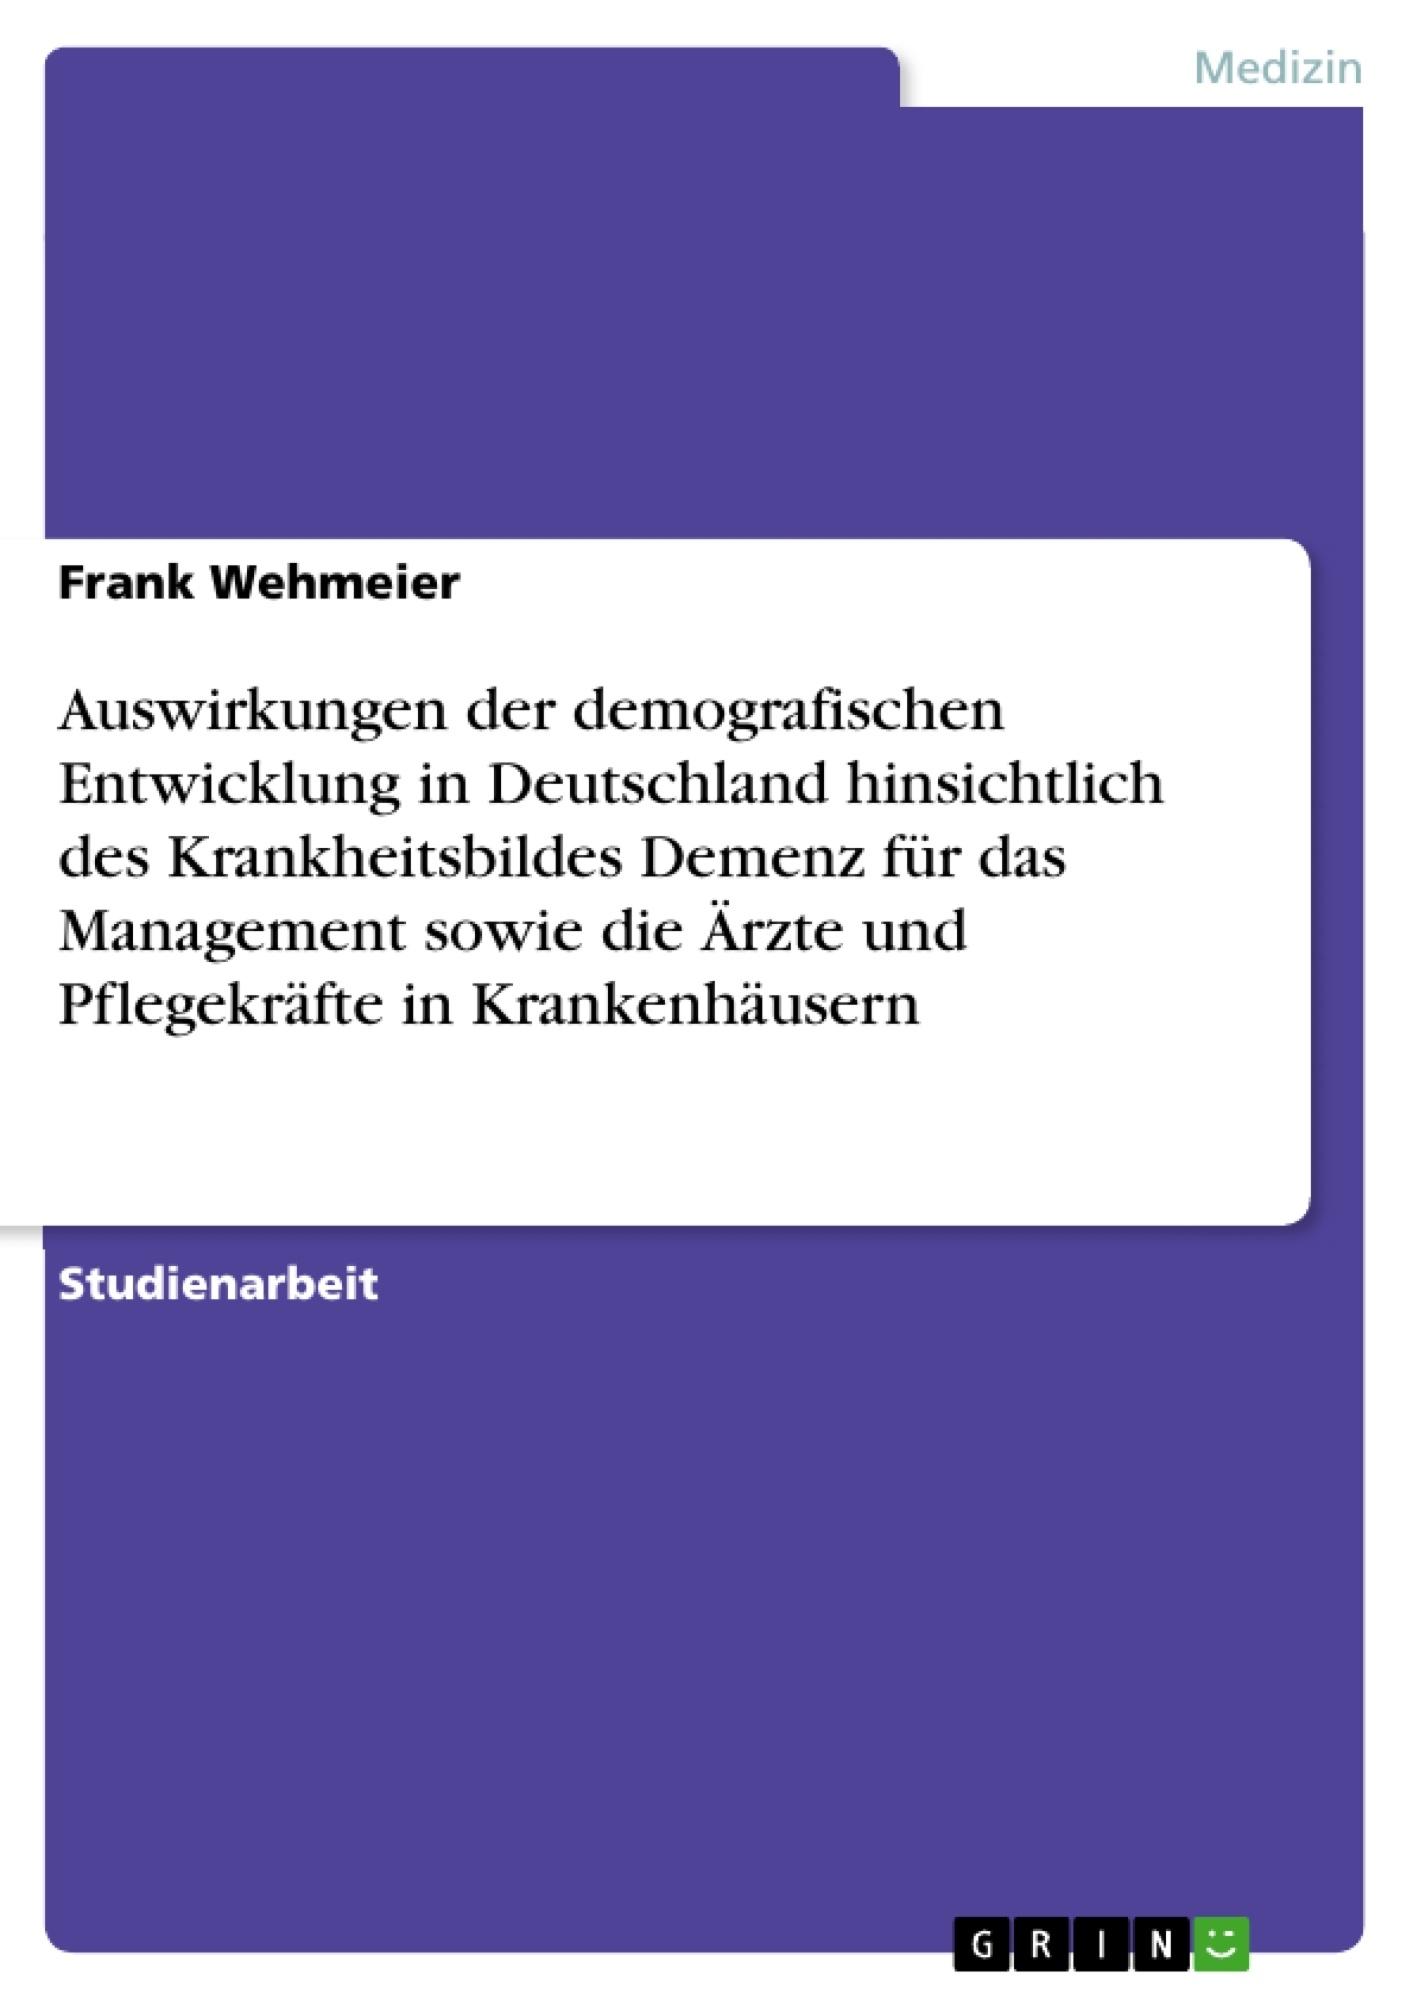 Titel: Auswirkungen der demografischen Entwicklung in Deutschland hinsichtlich des Krankheitsbildes Demenz für das Management sowie die Ärzte und Pflegekräfte in Krankenhäusern